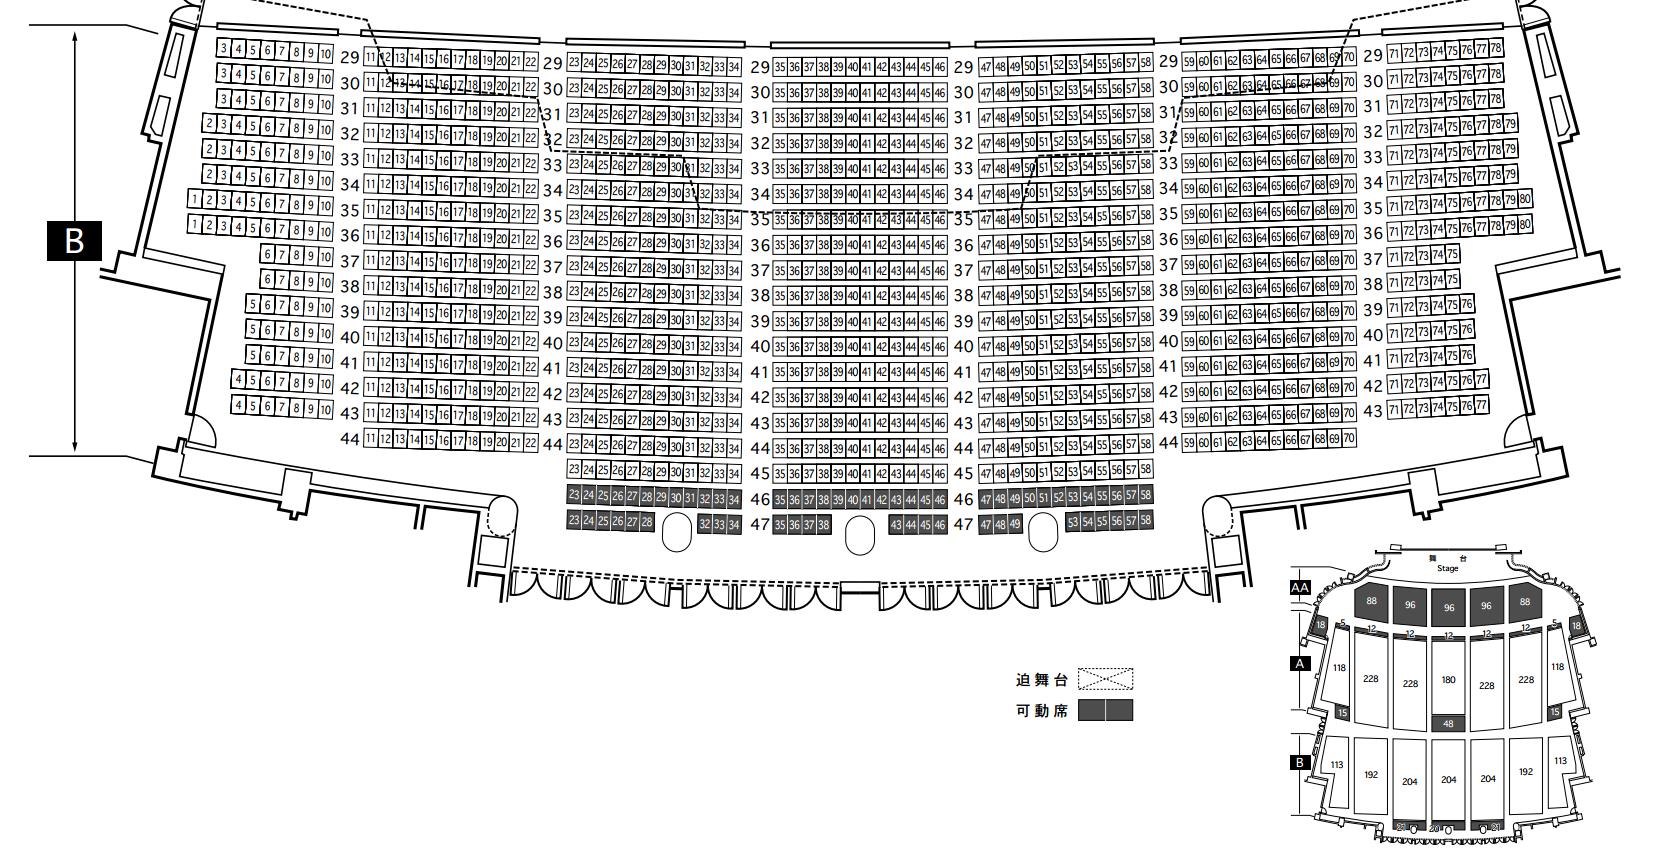 パシフィコ横浜国立大ホールの座席表B